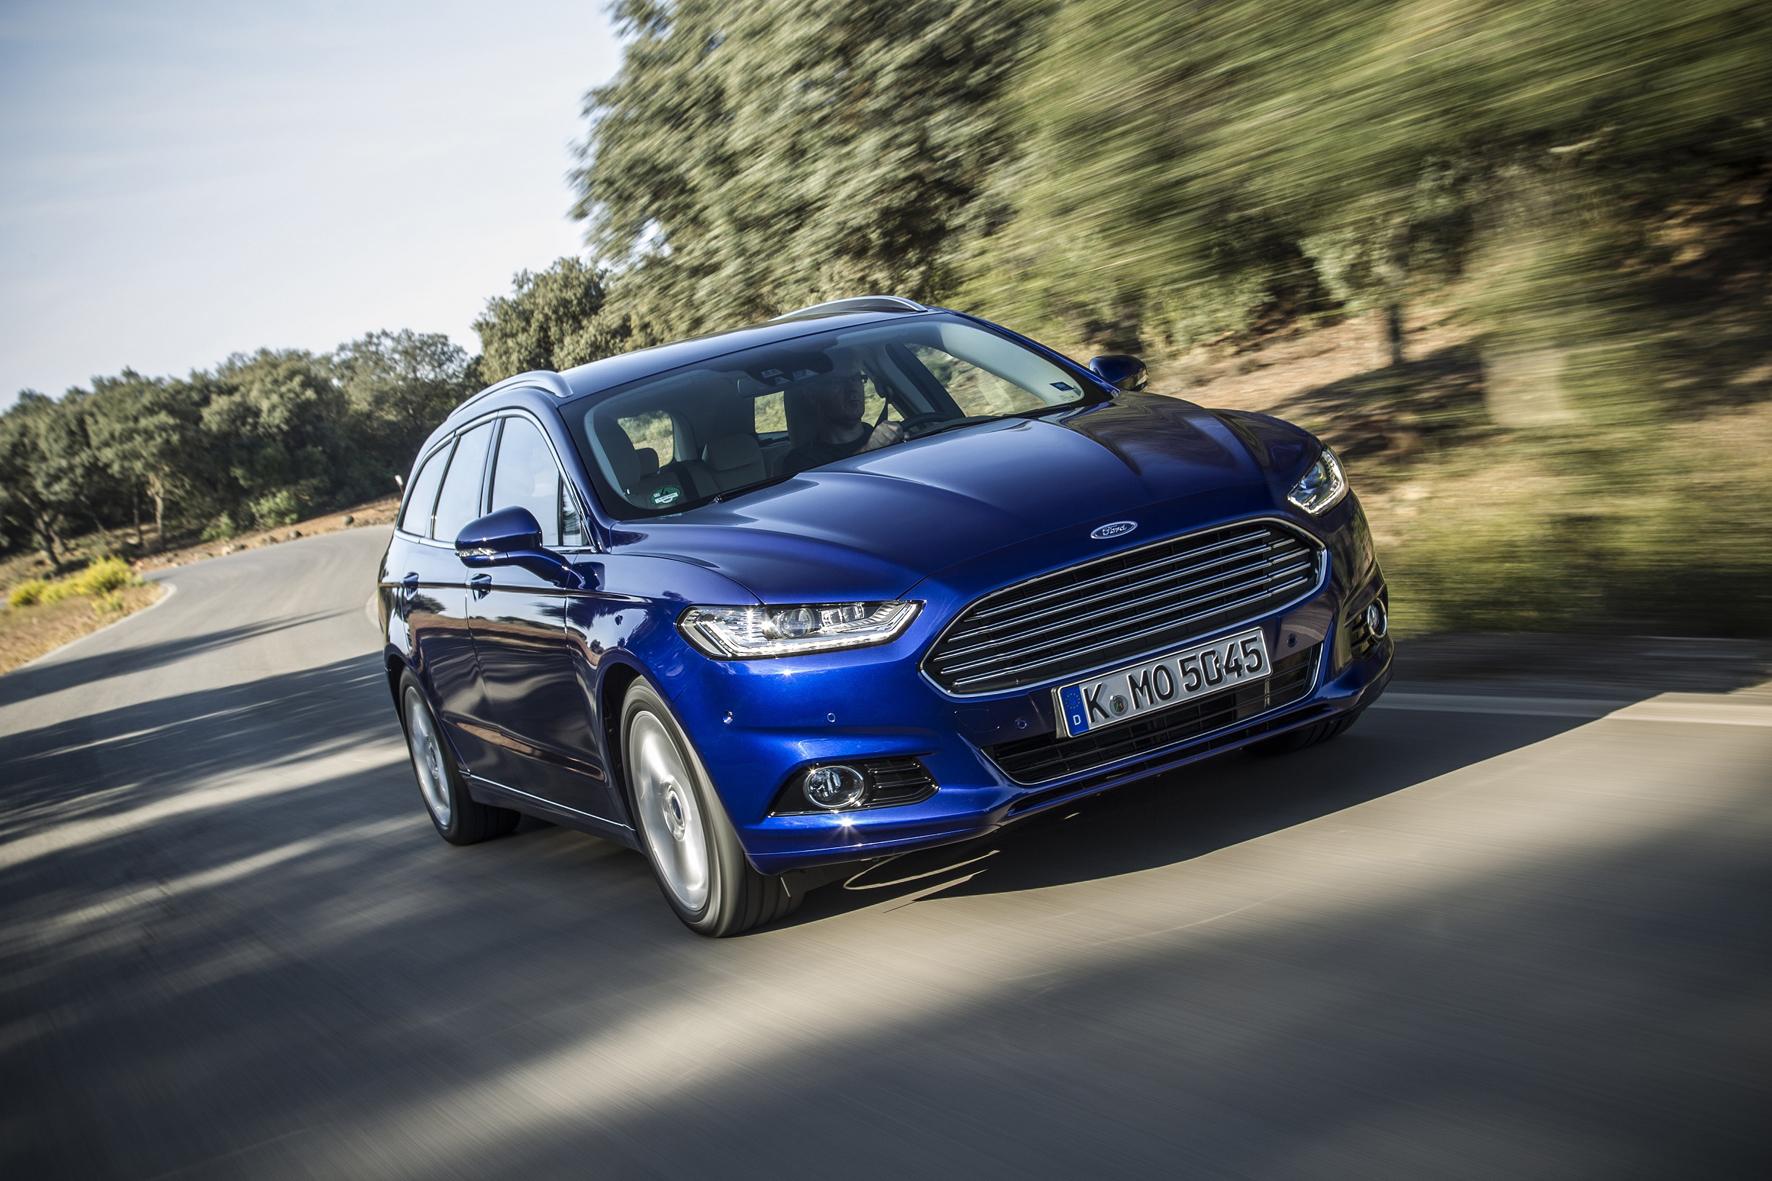 mid Köln - Ford ist dem Umwelt-Diesel auf der Spur: Der Autobauer ist führender Partner eines entsprechenden Projekts und setzt die alternativen Energieträger in Forschungsfahrzeugen auf der Basis des Mittelklasse-Autos Mondeo (Foto) ein.